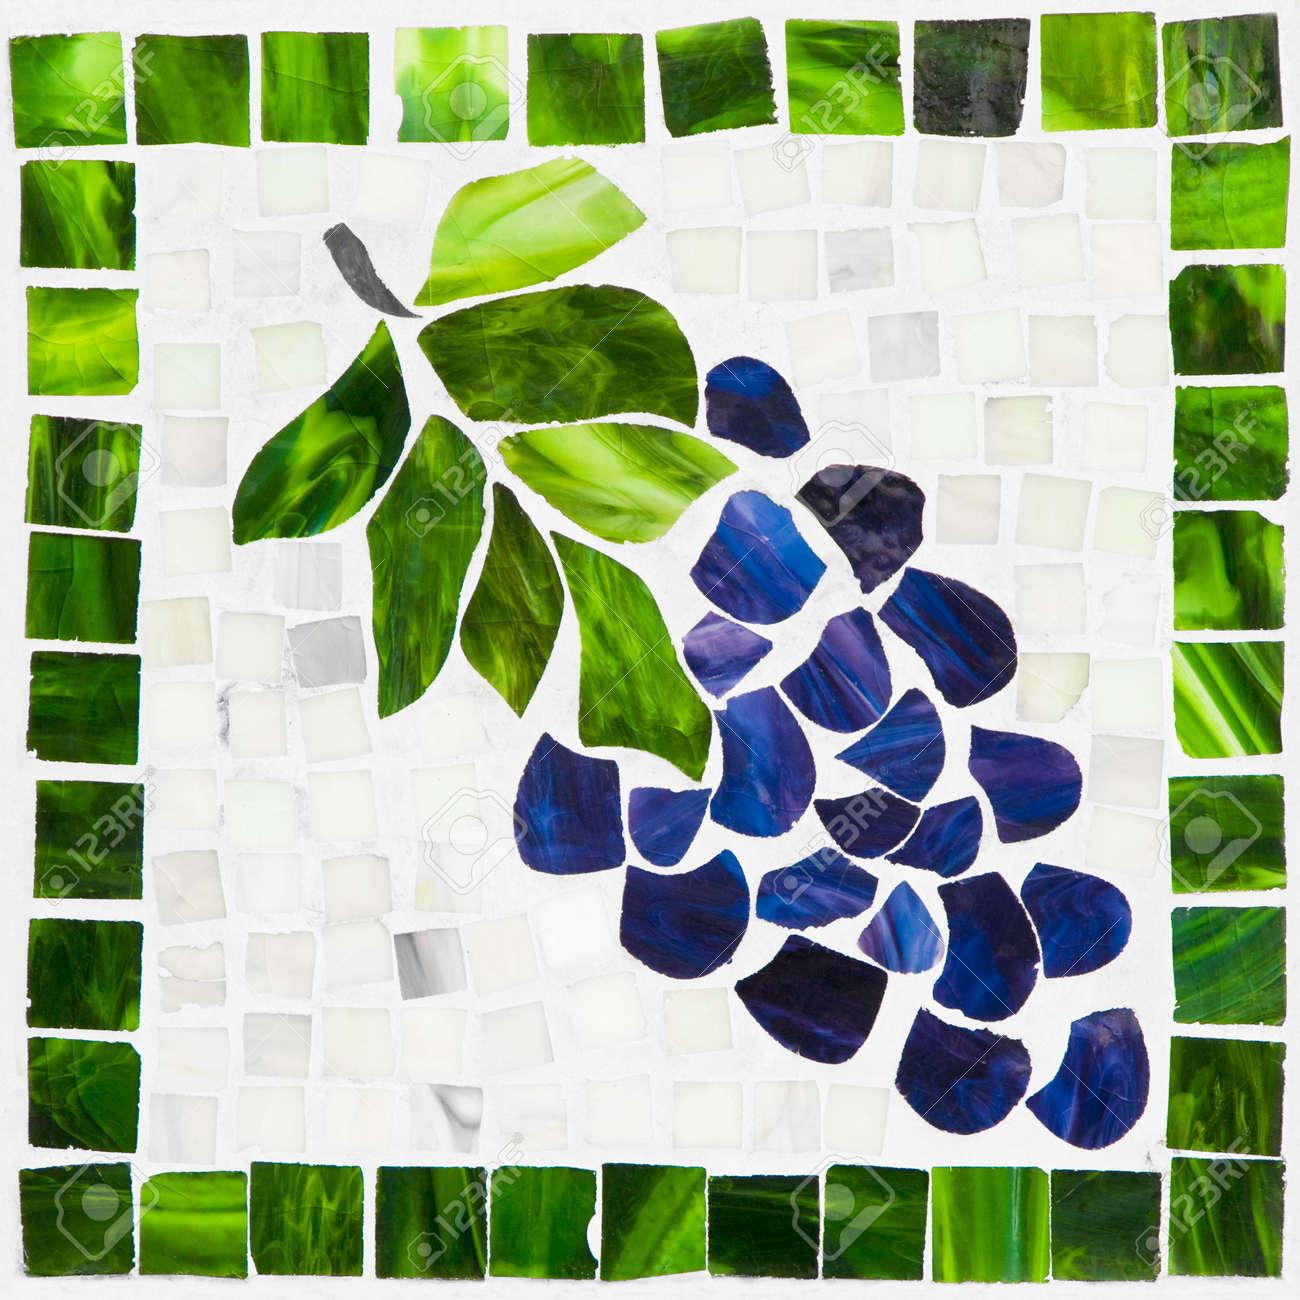 foto de archivo mosaico de uvas de azulejos del azul que consisten en verdes y blancos